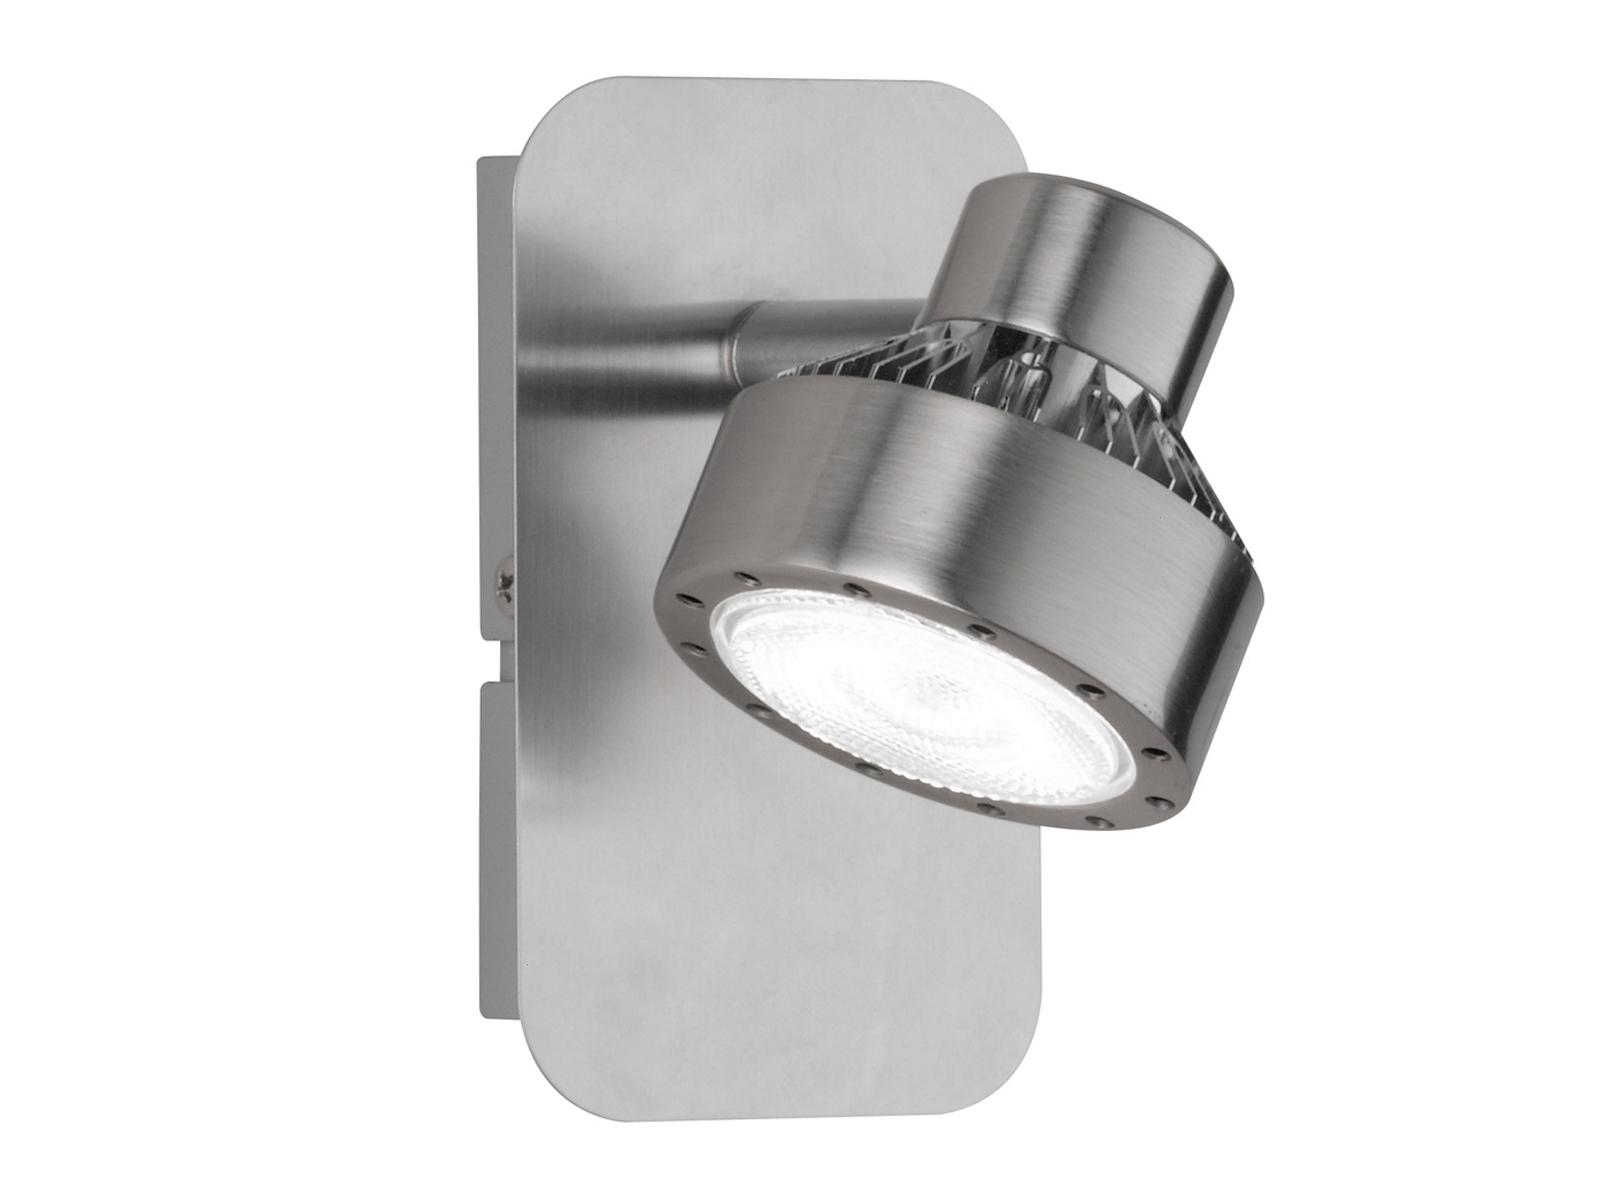 dimmbar Wandspot LED Spot Spot schwenkbar 2er Set LED Wandlampe LOCAL